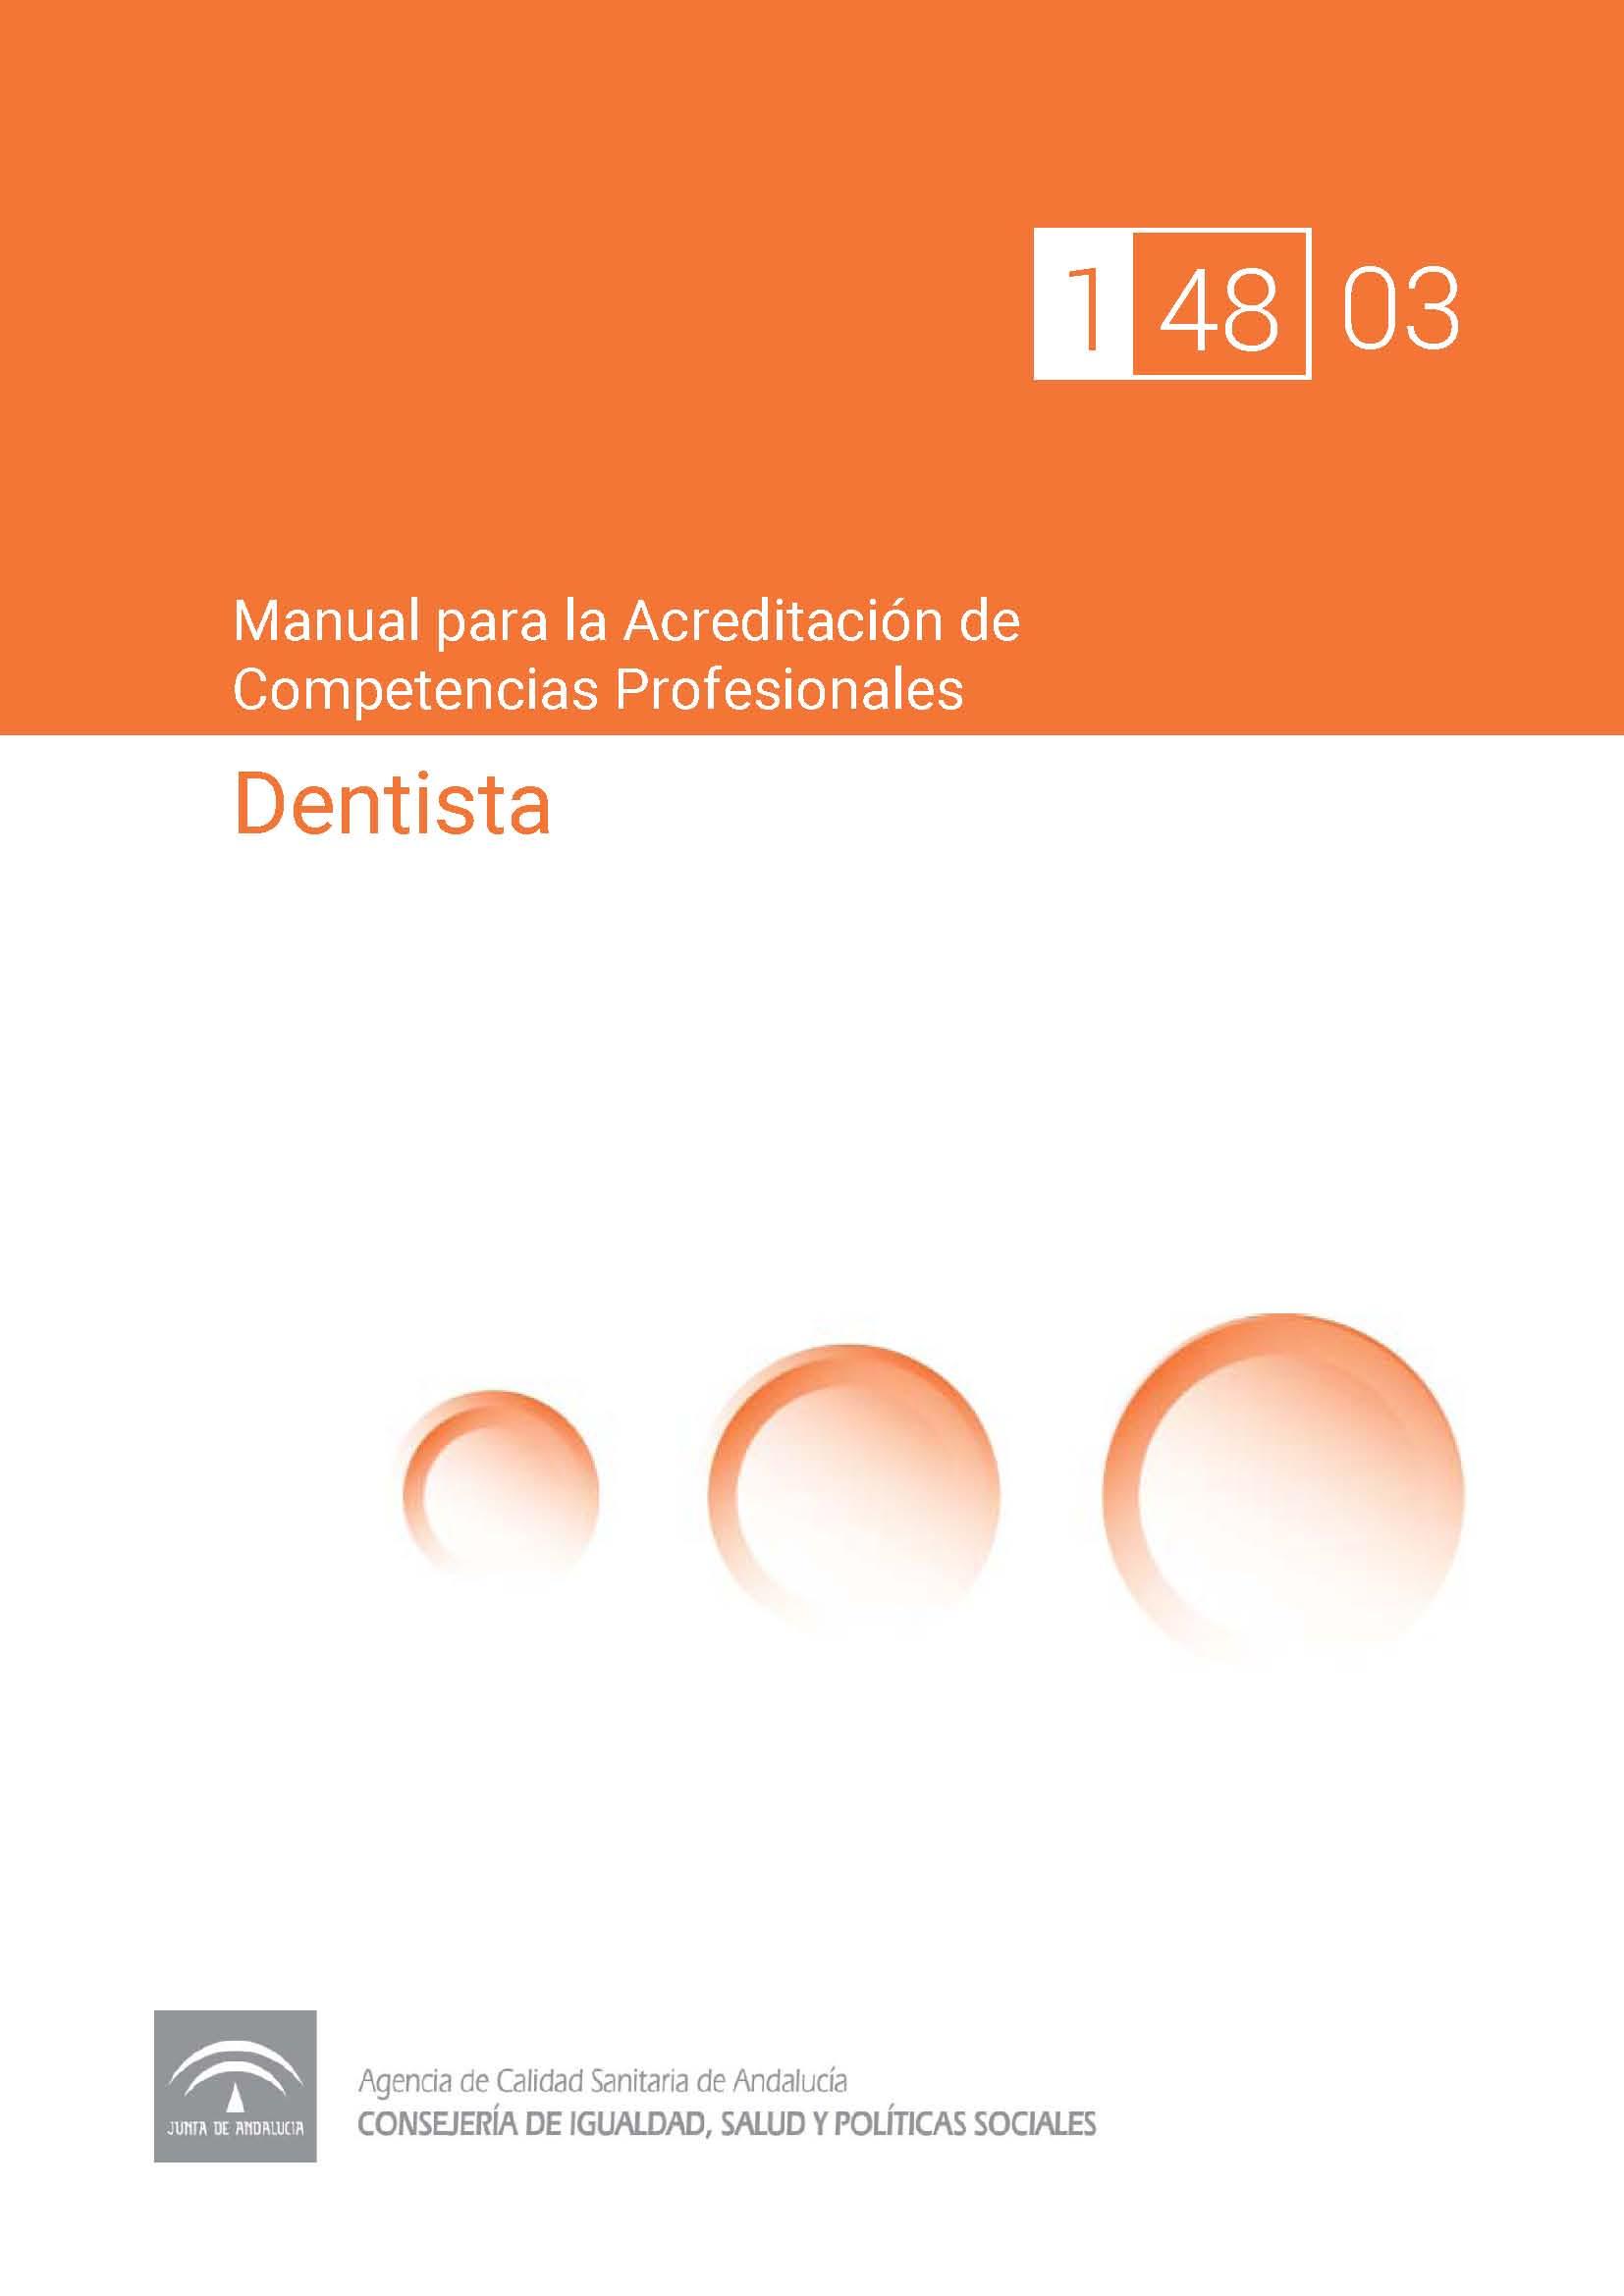 Manual de competencias profesionales del/de la Dentista